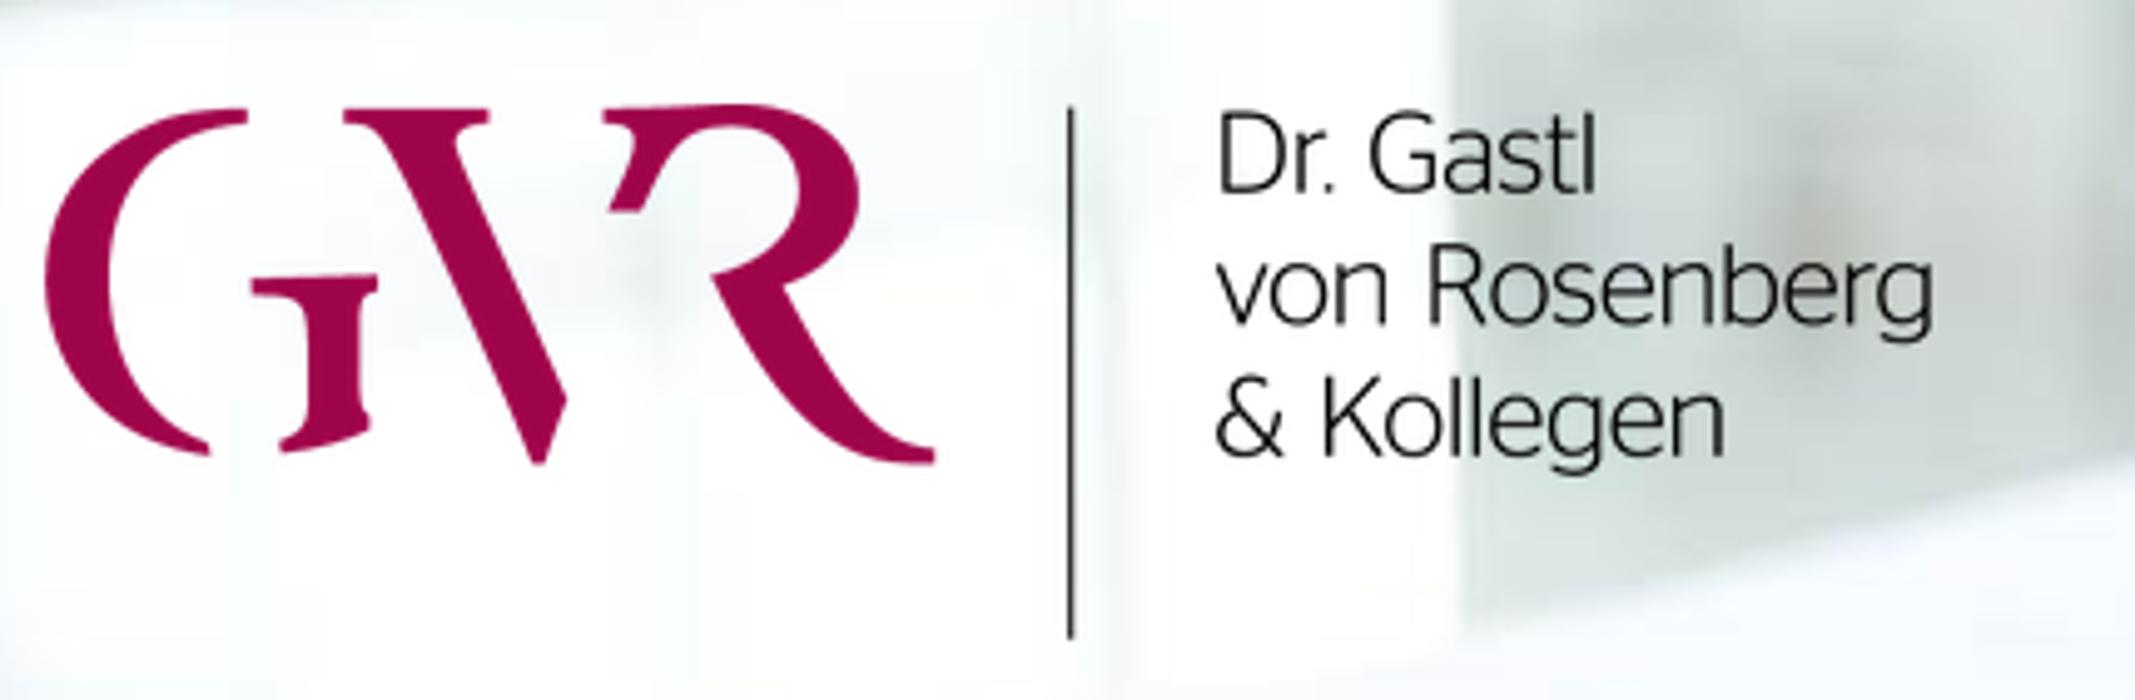 Bild zu GVR Dr. Gastl von Rosenberg & Kollegen GmbH & Co KG in Wiesbaden